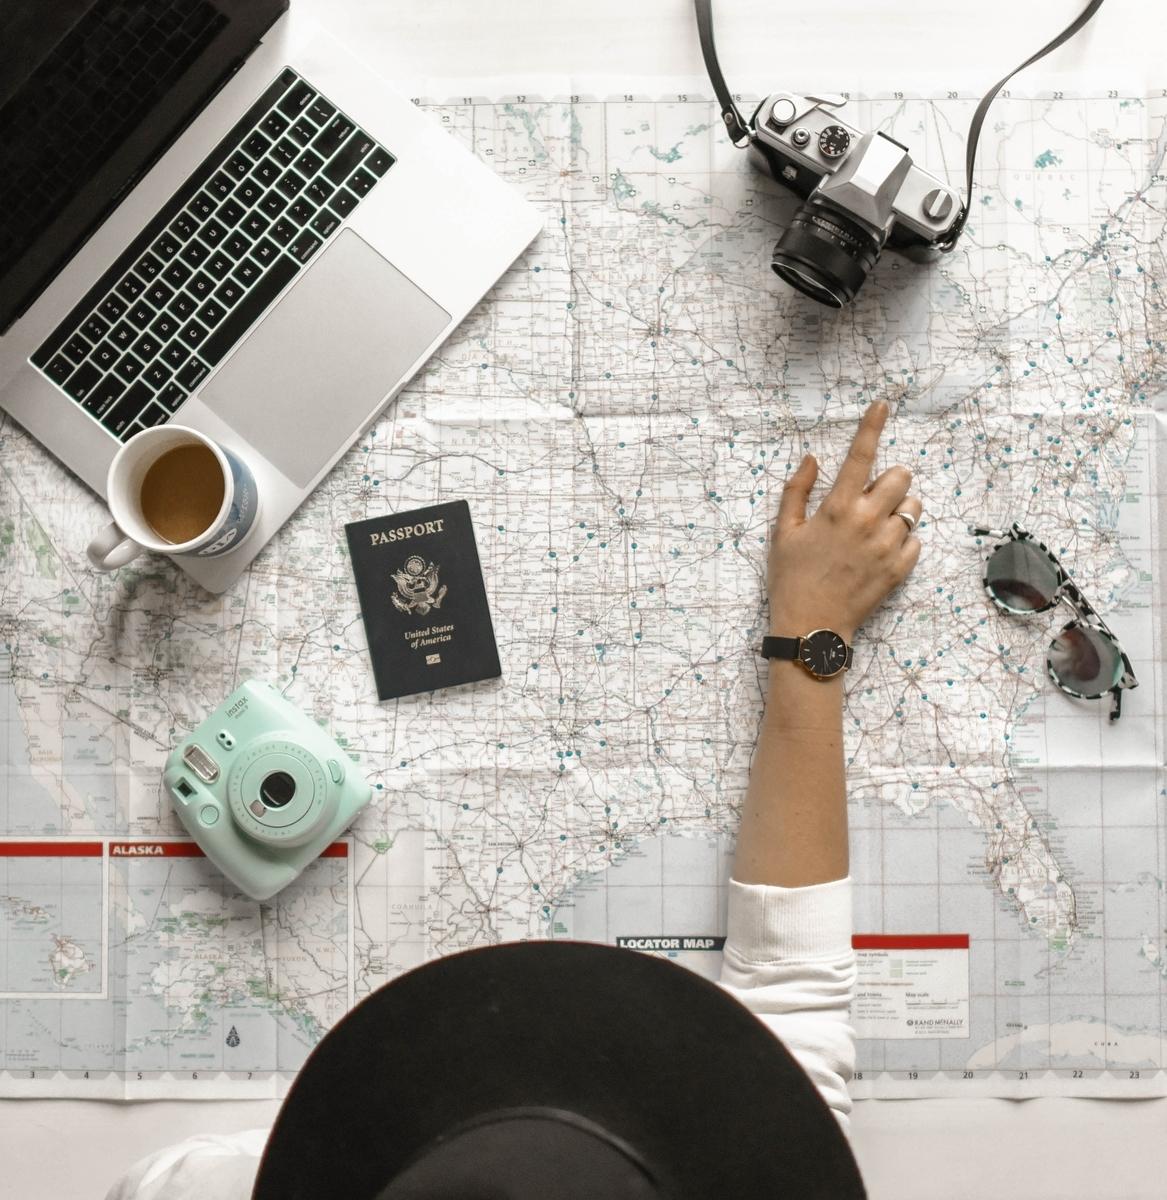 【パスポートネット申請】2024年度にネット申請出来るようになる?(Photo by Element5 Digital on Unsplash)